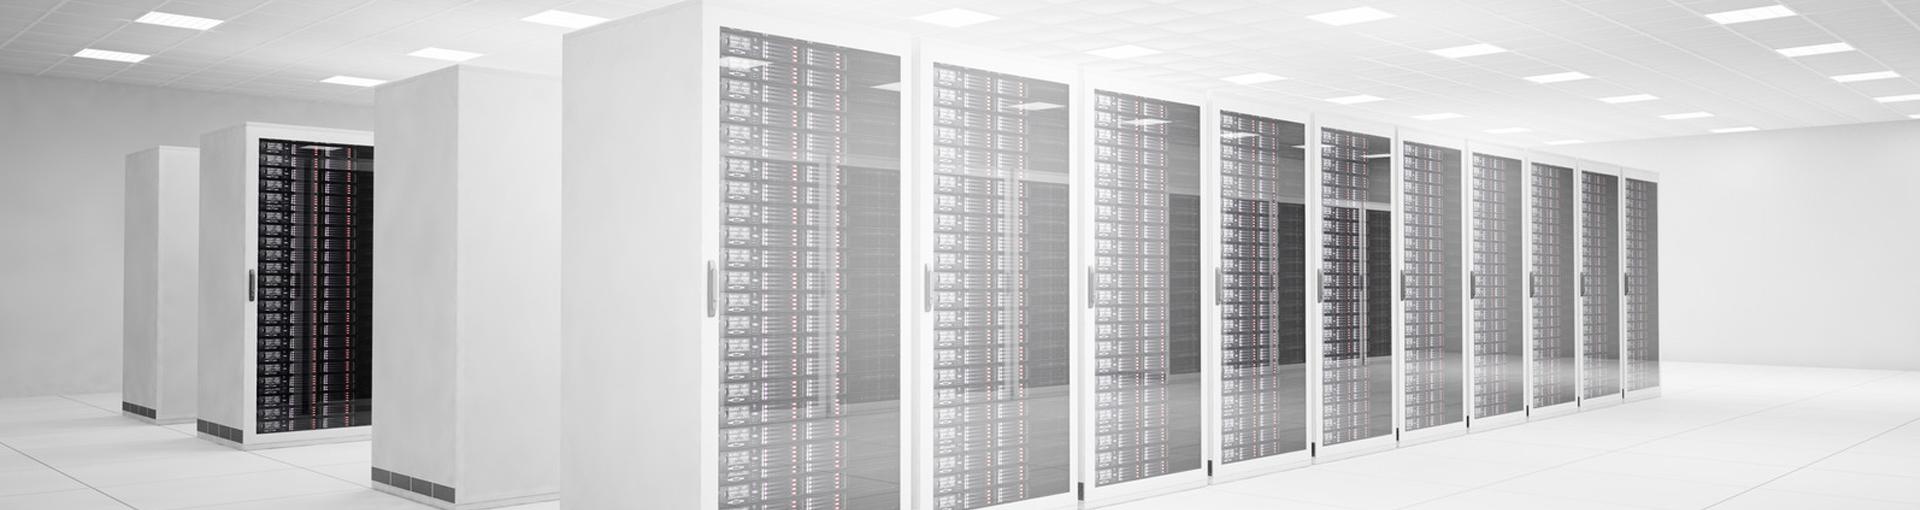 Regal Data Centre & Server Room cooling